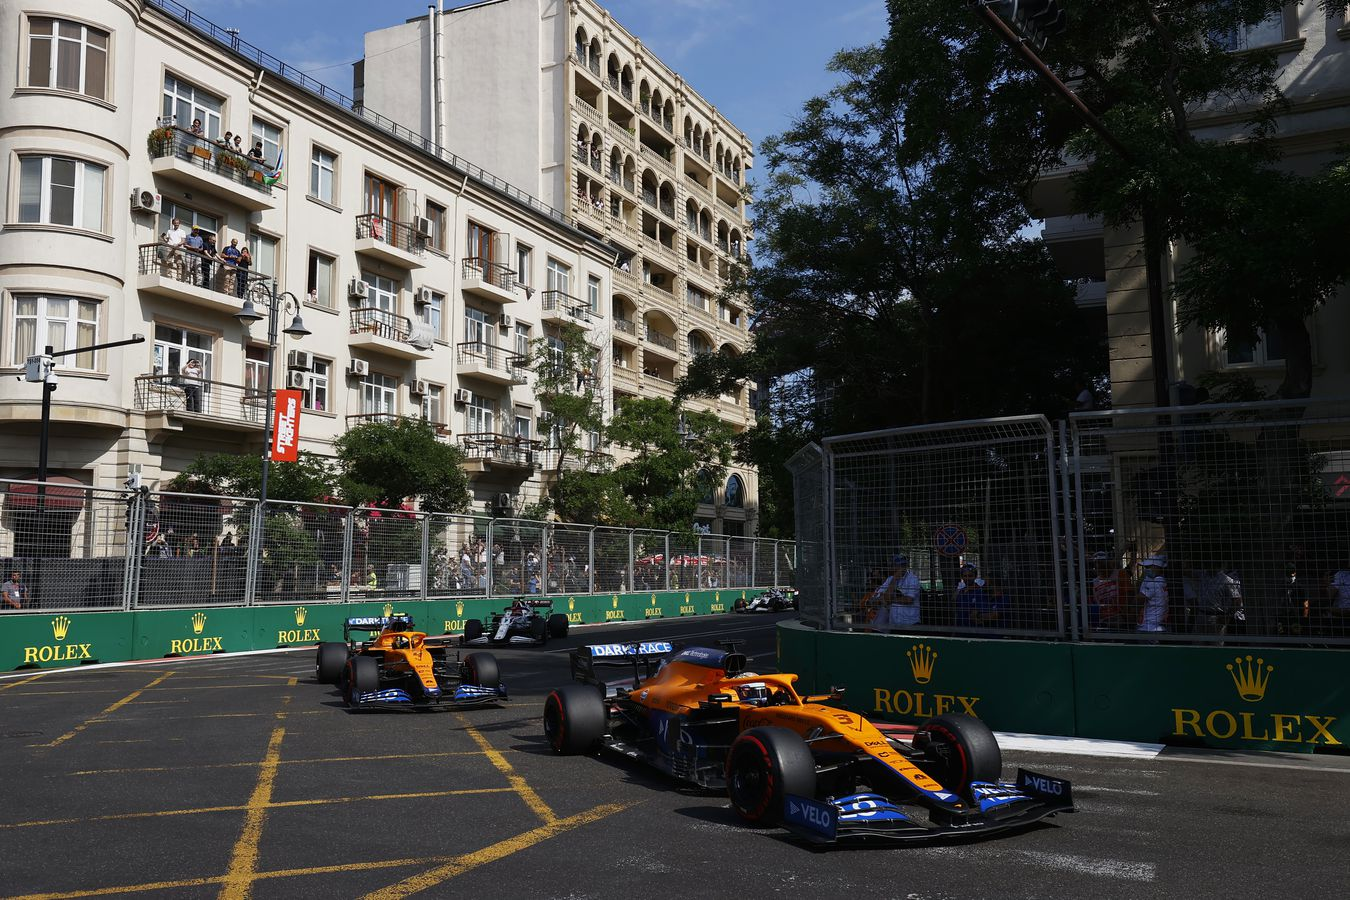 Domingo en Azerbaiyán - McLaren puntos pese a todo